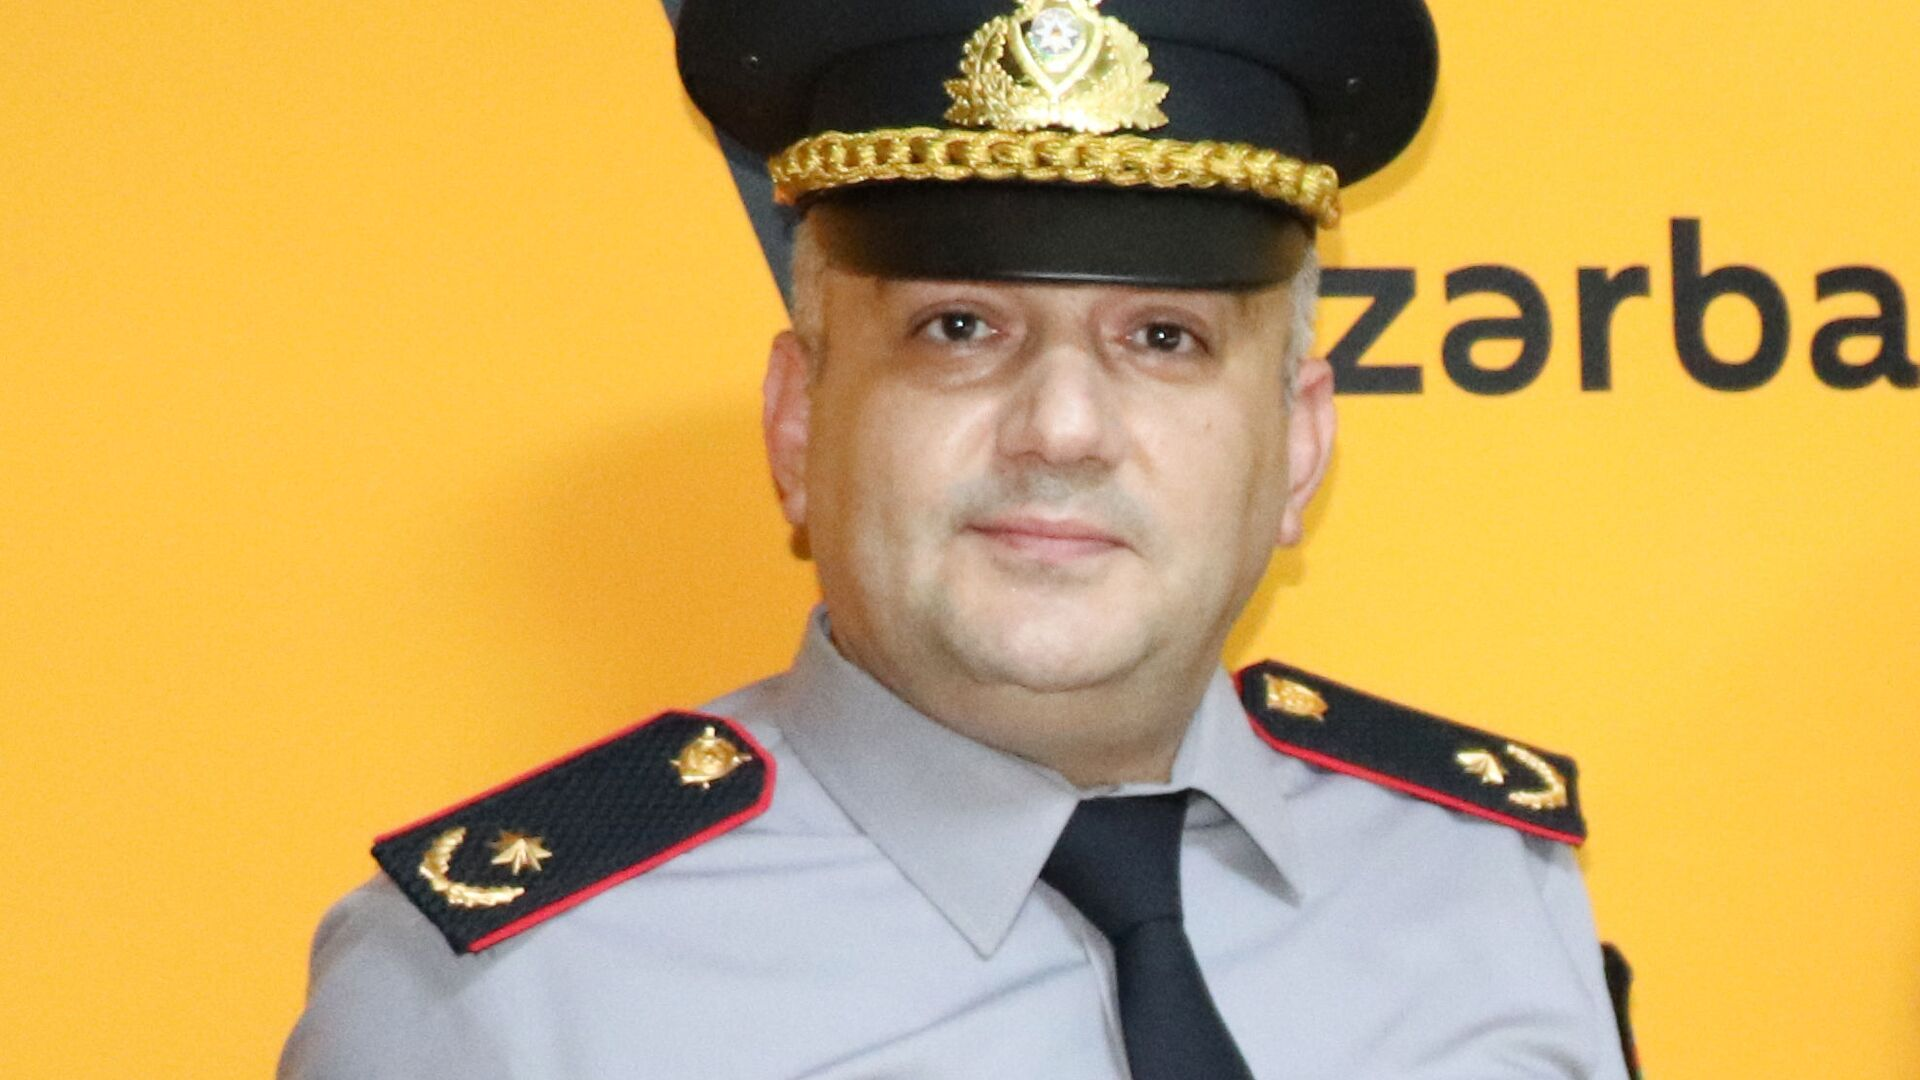 Bakı Şəhər Baş Polis İdarəsinin mətbuat şöbəsinin rəisi, polis mayoru Elşad Hacıyev - Sputnik Azərbaycan, 1920, 25.09.2021